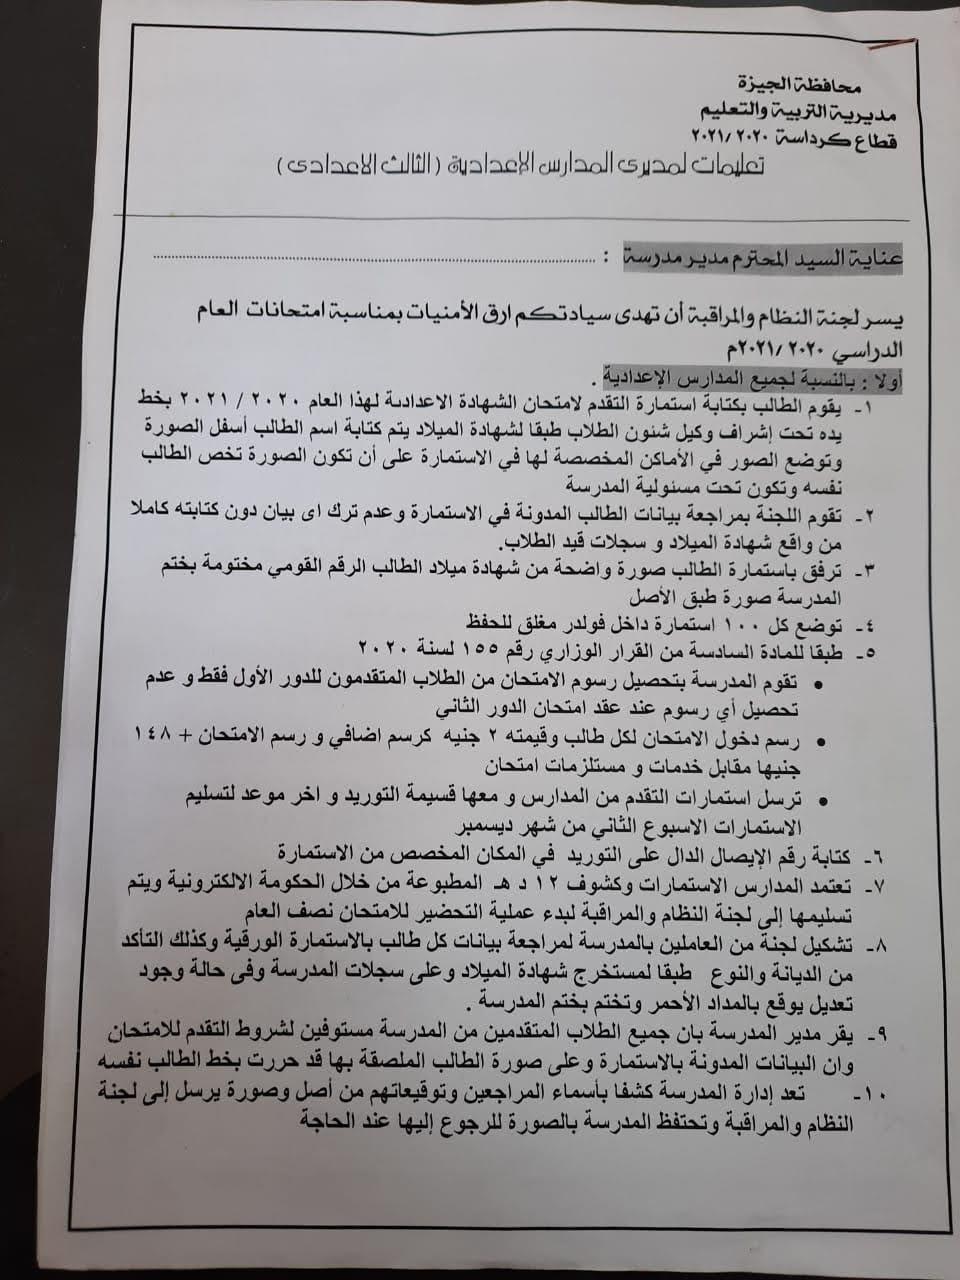 التعليم: مد تسجيل الاستمارة الإلكترونية للشهادة الإعدادية حتى الخميس